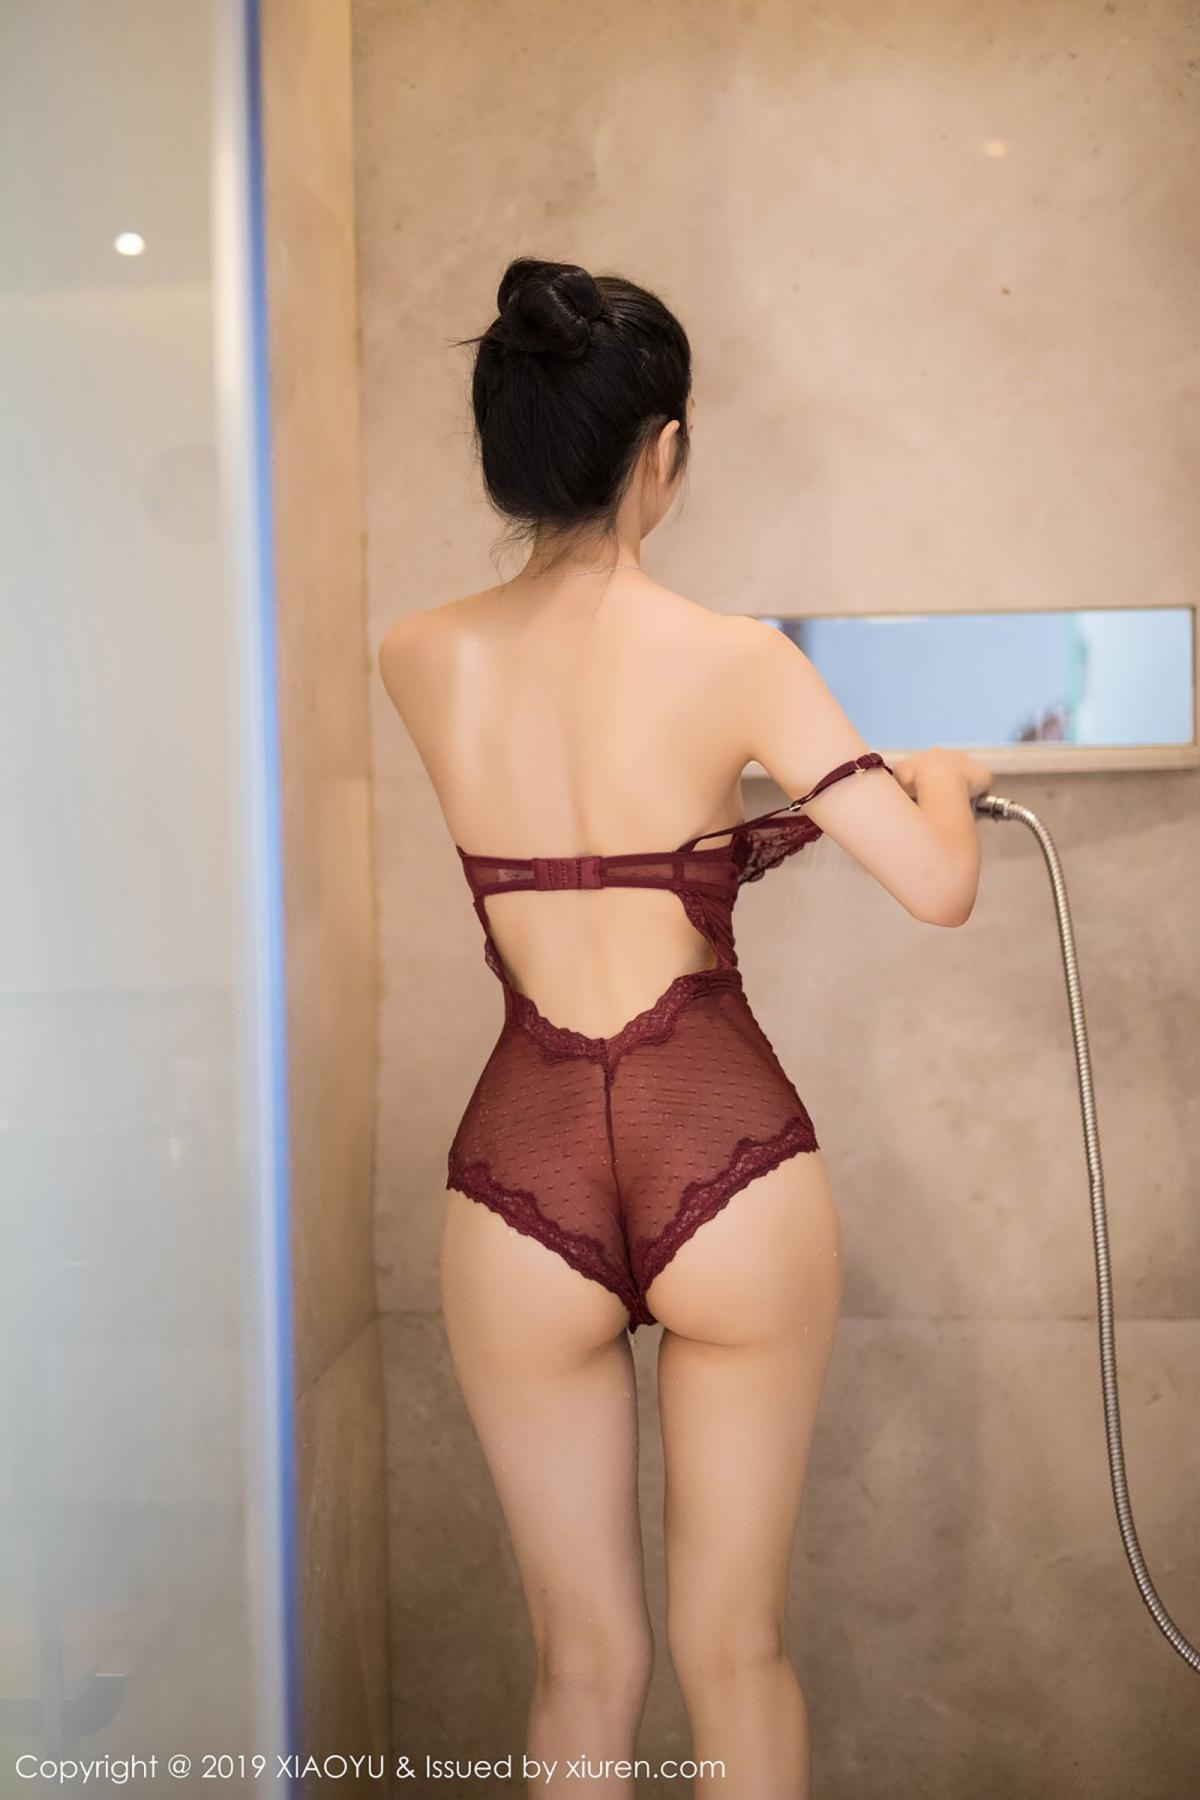 [XiaoYu] Vol.017 Di Yi 56P, Bathroom, Di Yi, Underwear, Wet, XiaoYu